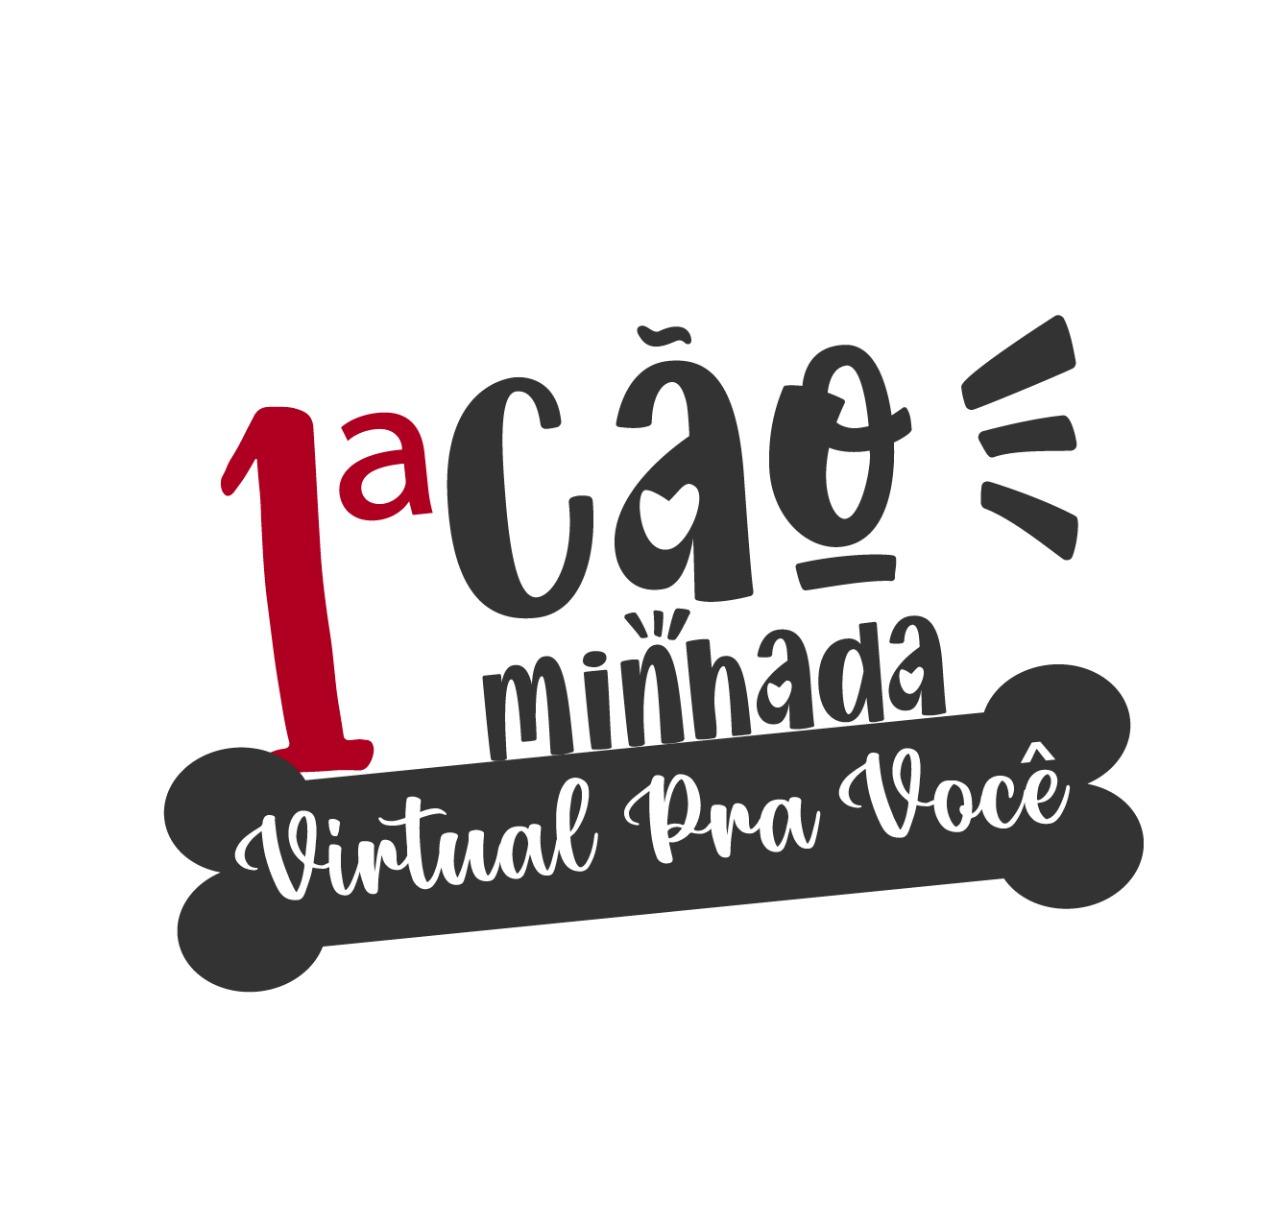 1ª Cãominhada Virtual Pra Você